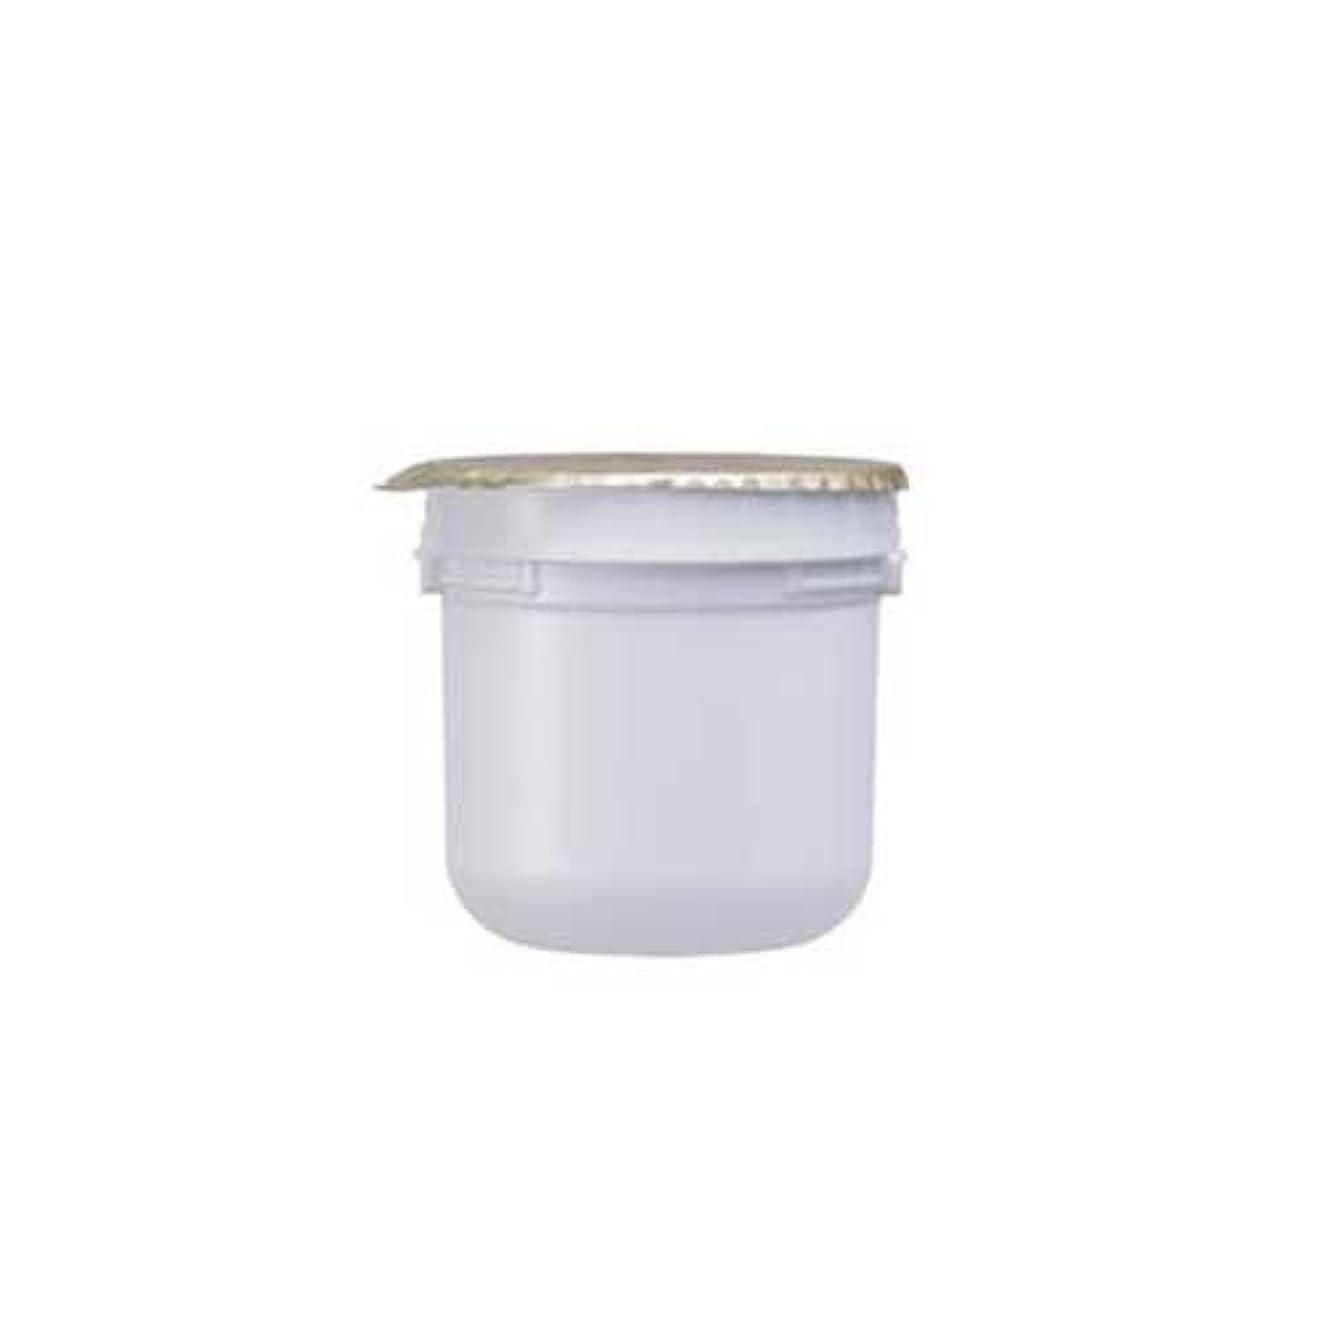 粘性のポインタ編集するASTALIFT(アスタリフト) ホワイト クリーム(美白クリーム)レフィル 30g